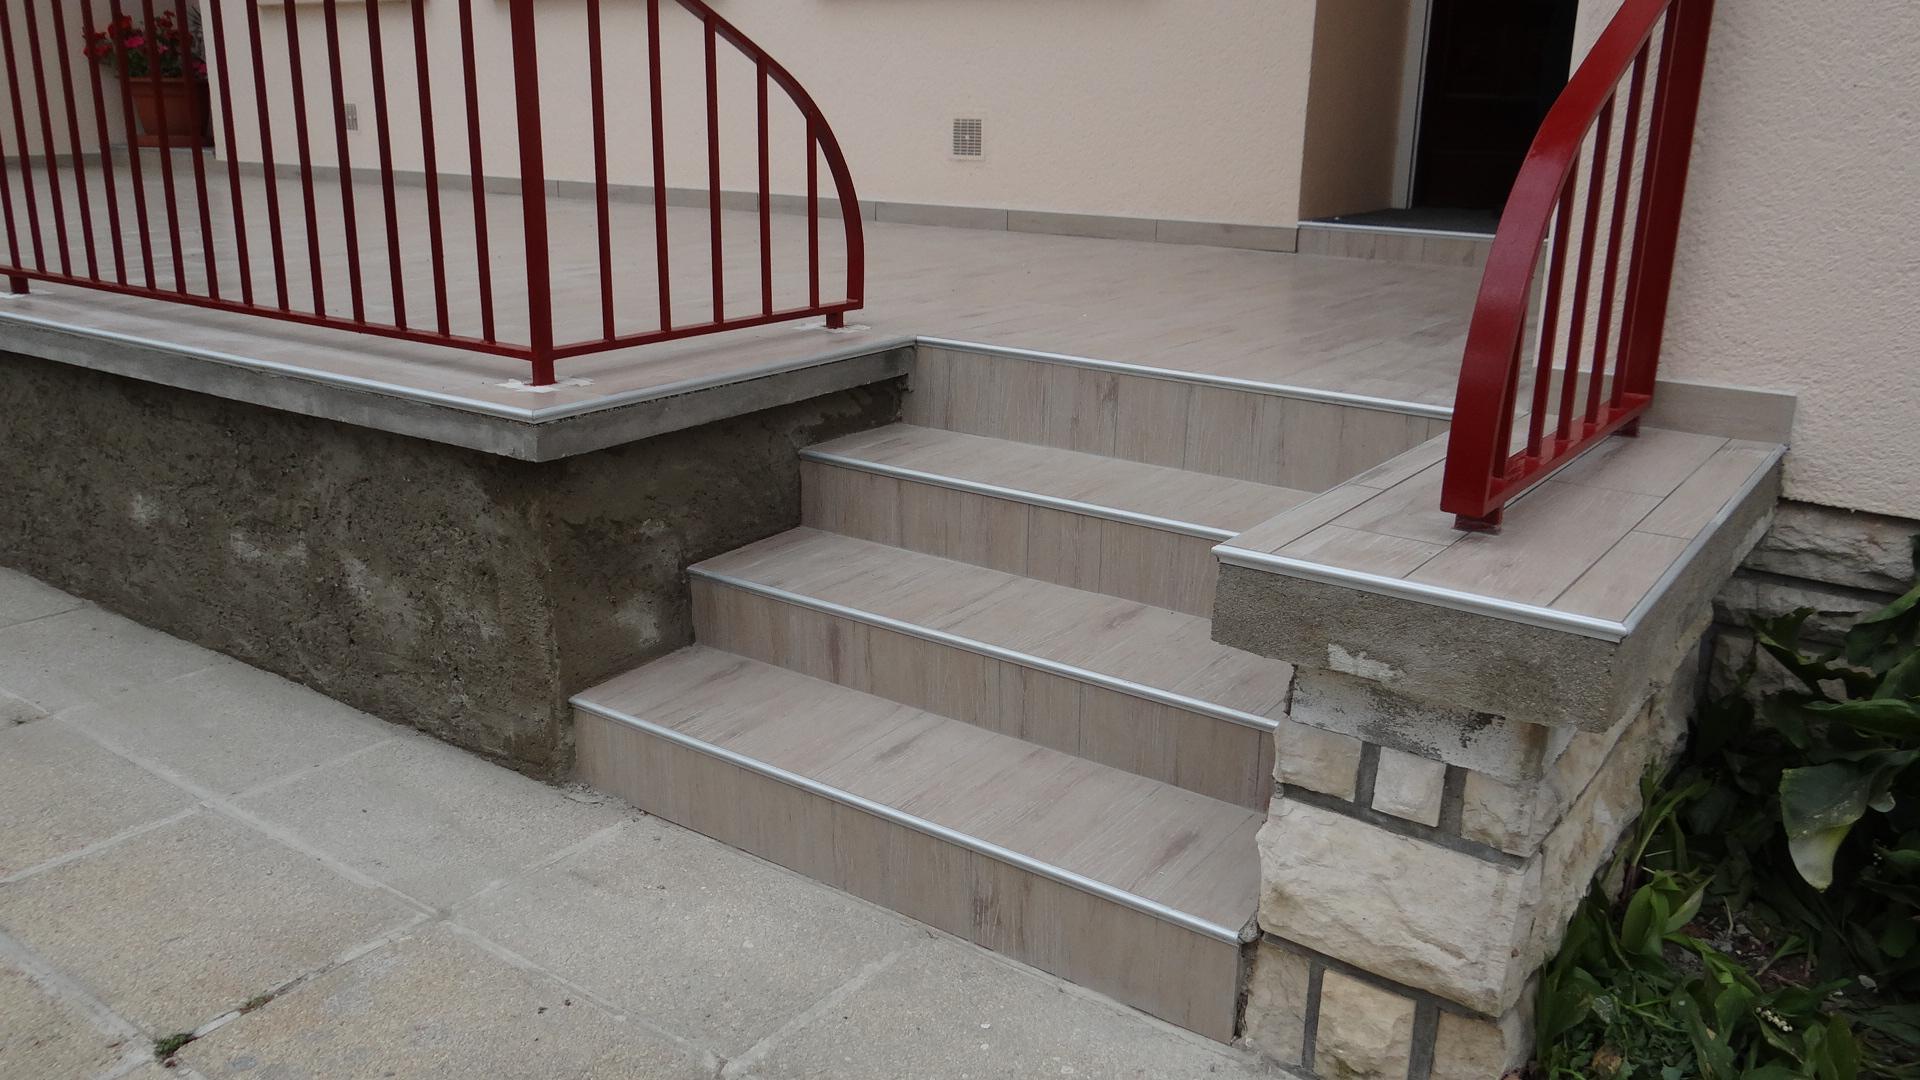 Carrelage Exterieur Pour Escalier Avec Nez De Marche   Venus ... pour Carrelage Escalier Extérieur